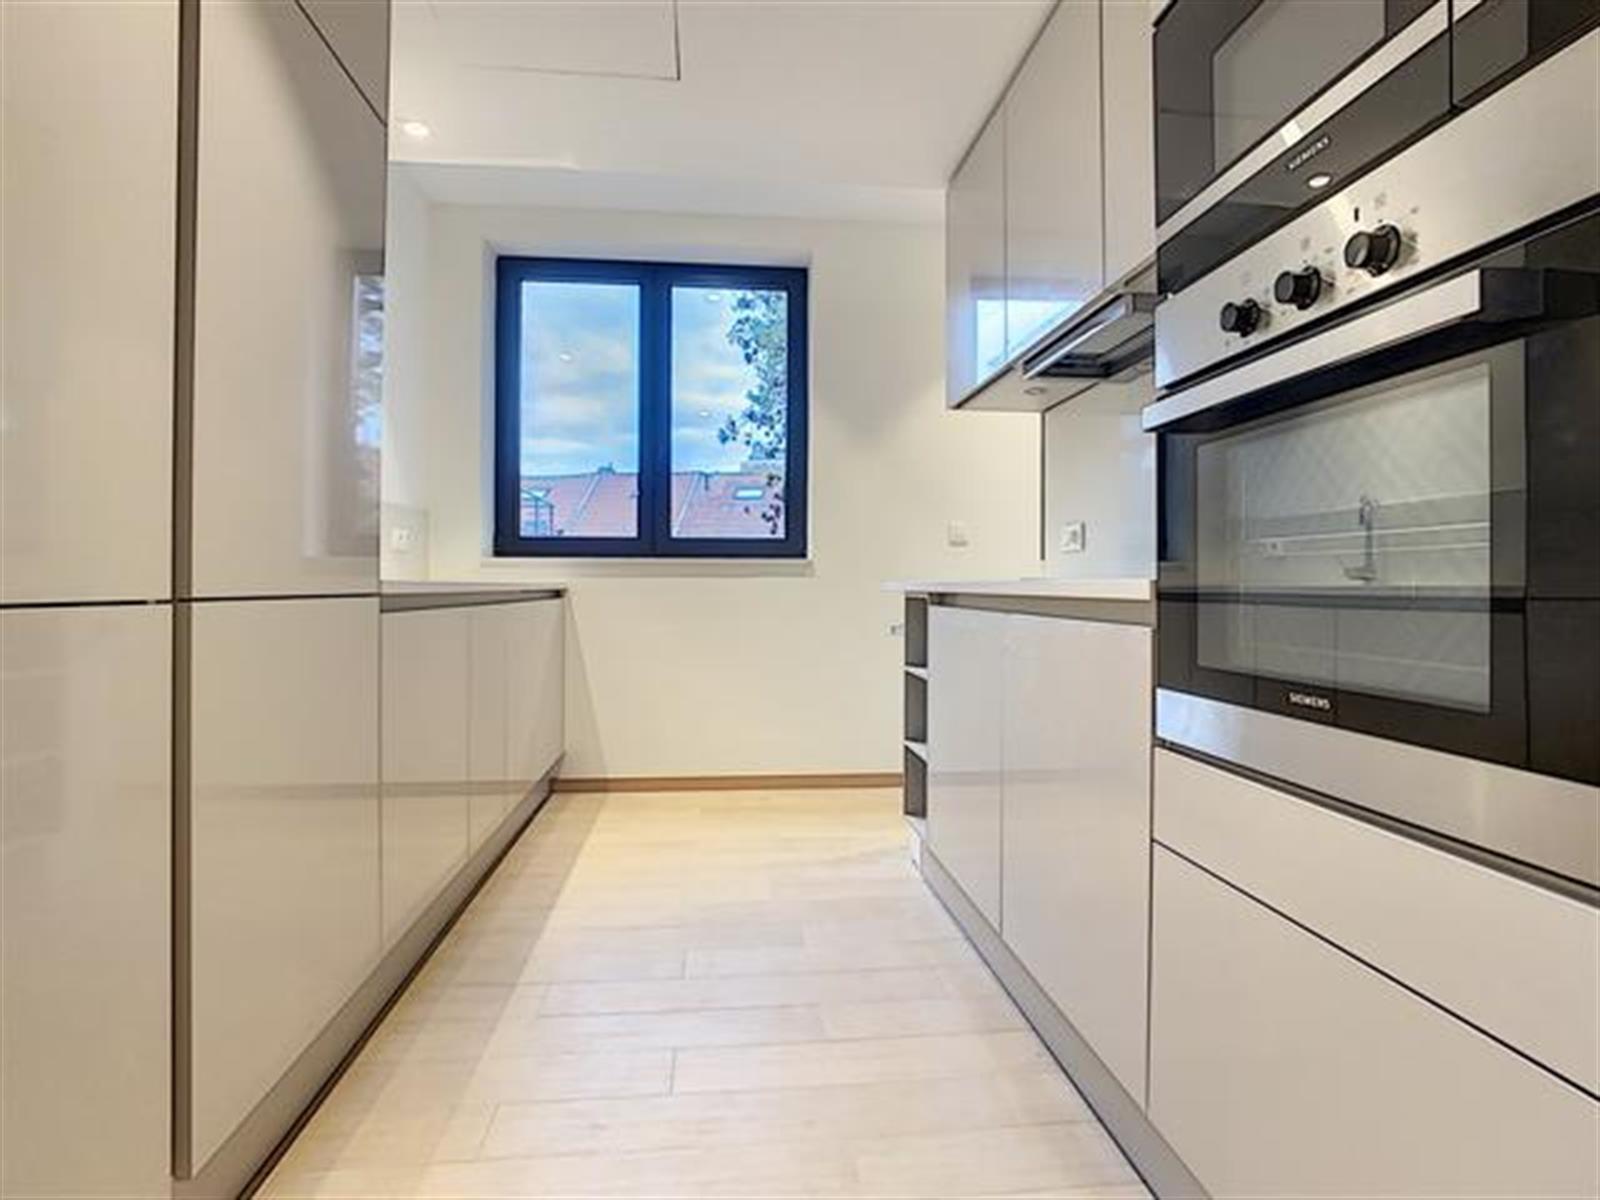 Flat - Ixelles - #4372445-2